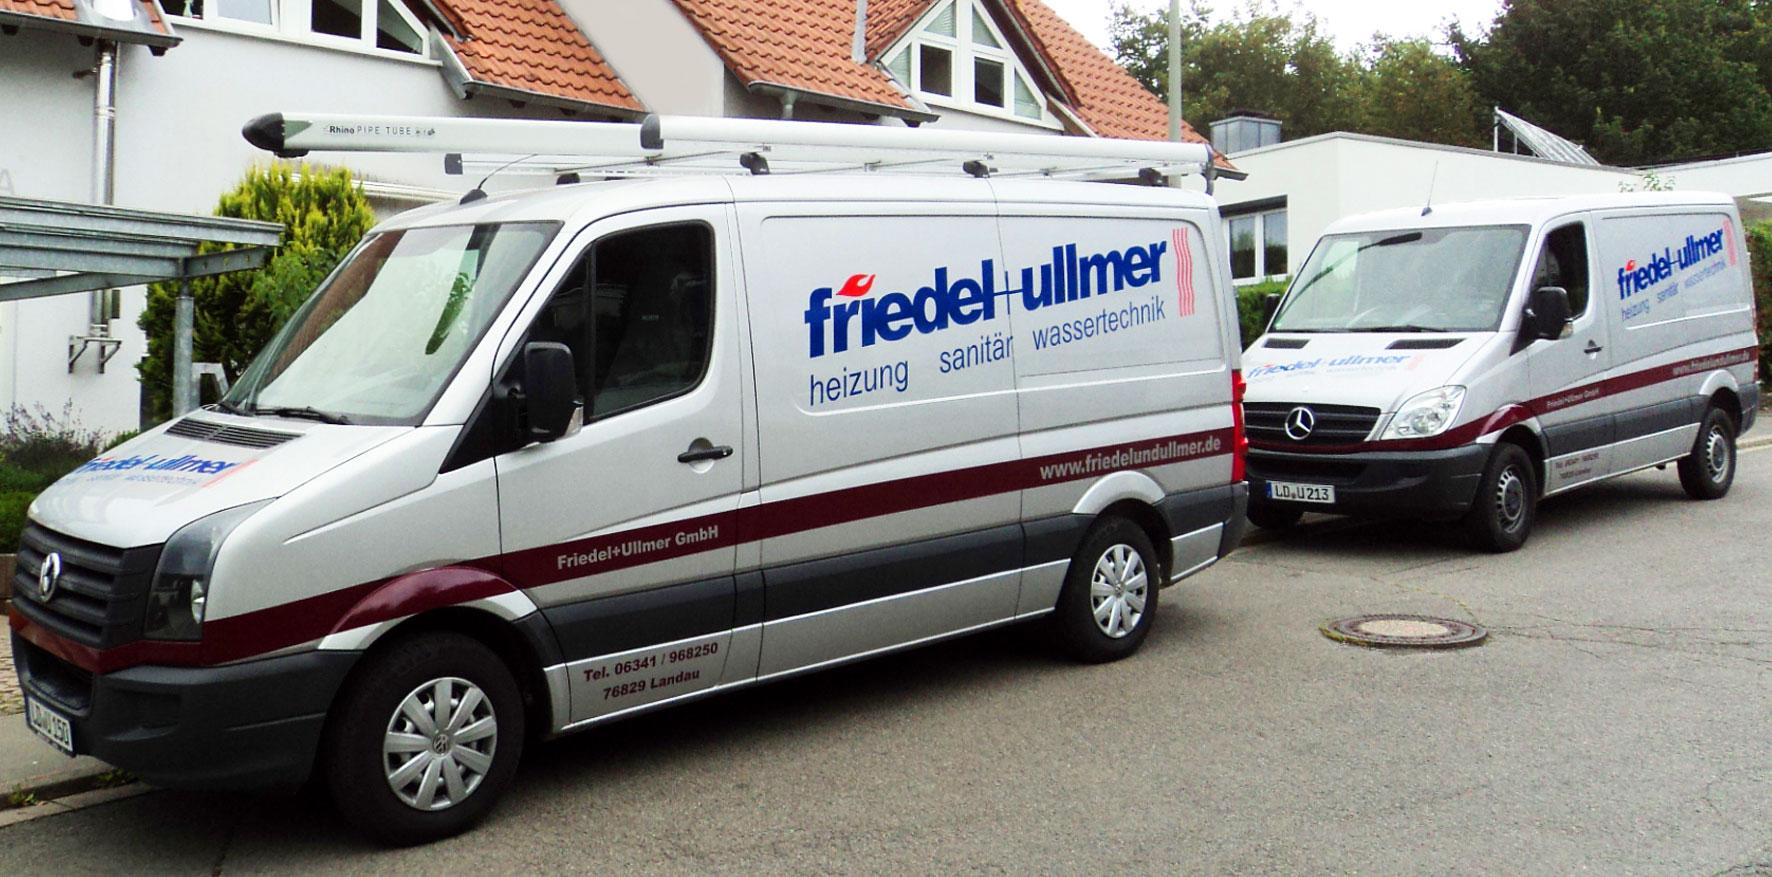 Solvis Heizung Friedel + Ullmer 76829 Landau